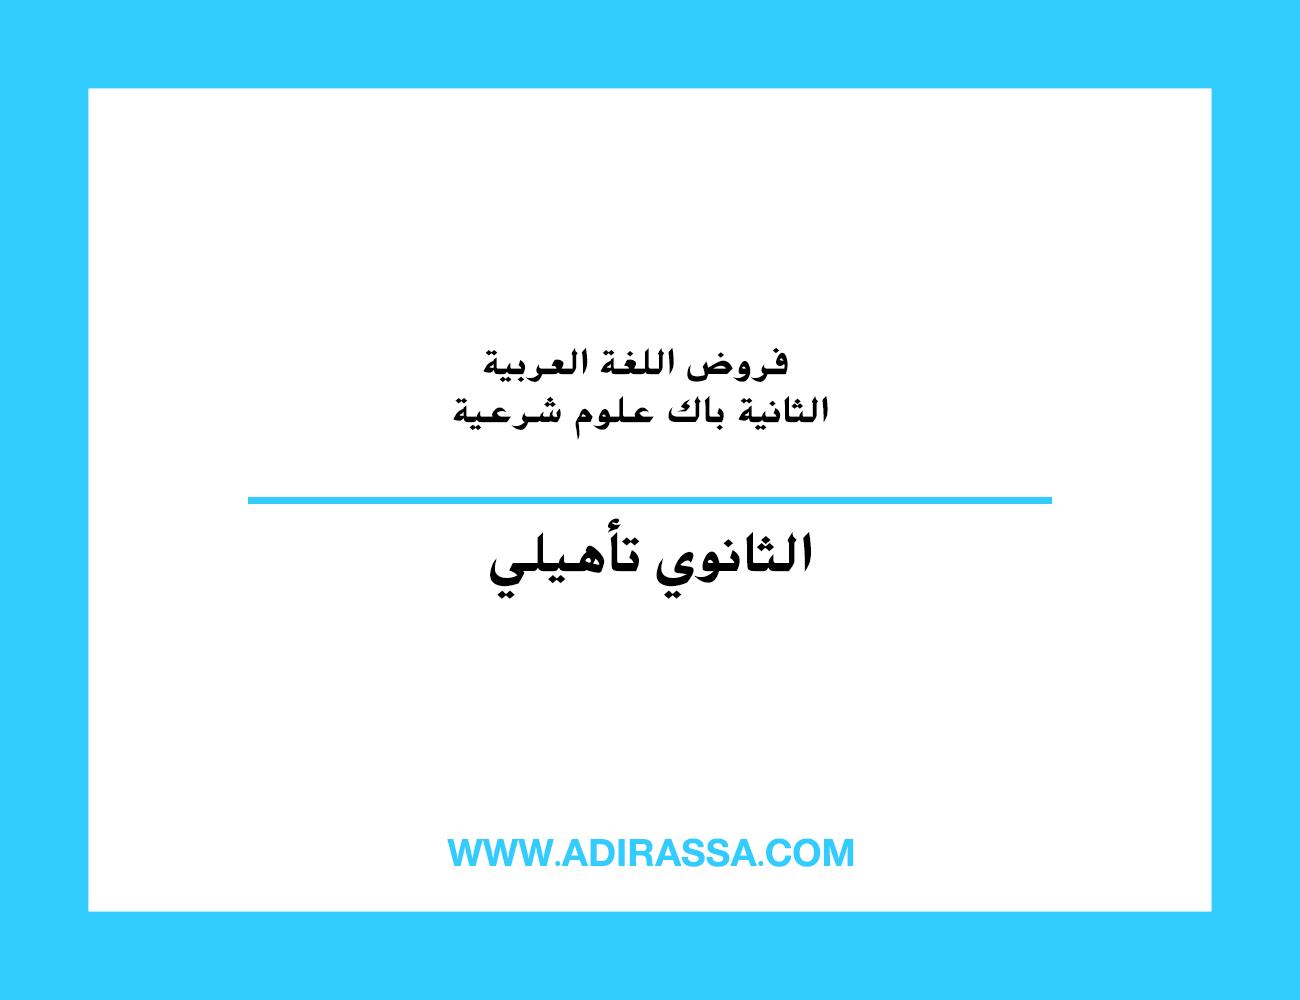 فروض اللغة العربية الثانية باك علوم شرعية بمستوى الثانوي التأهيلي